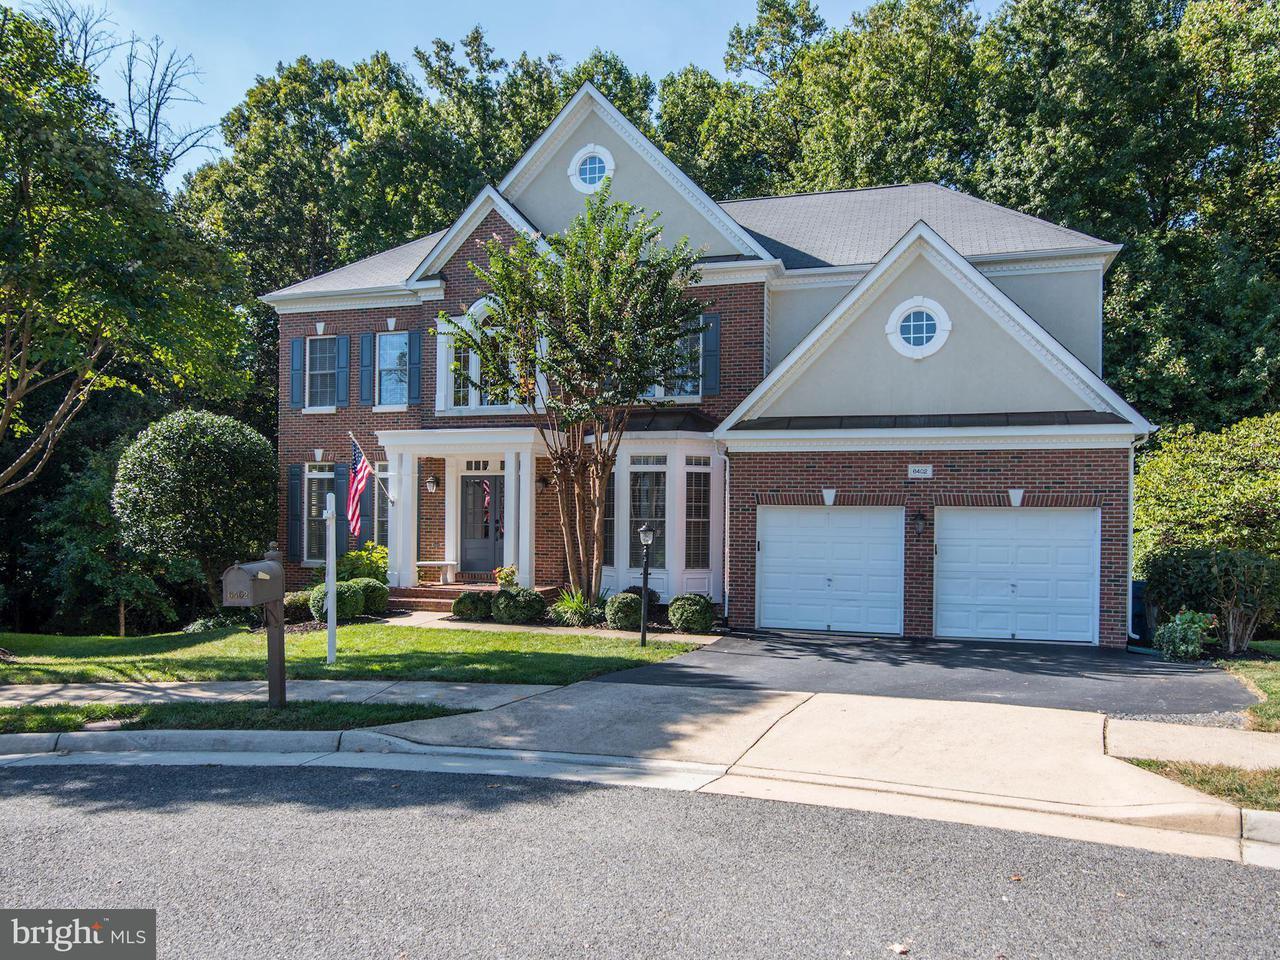 Μονοκατοικία για την Πώληση στο 6402 Bridge Creek Court 6402 Bridge Creek Court Springfield, Βιρτζινια 22152 Ηνωμενεσ Πολιτειεσ